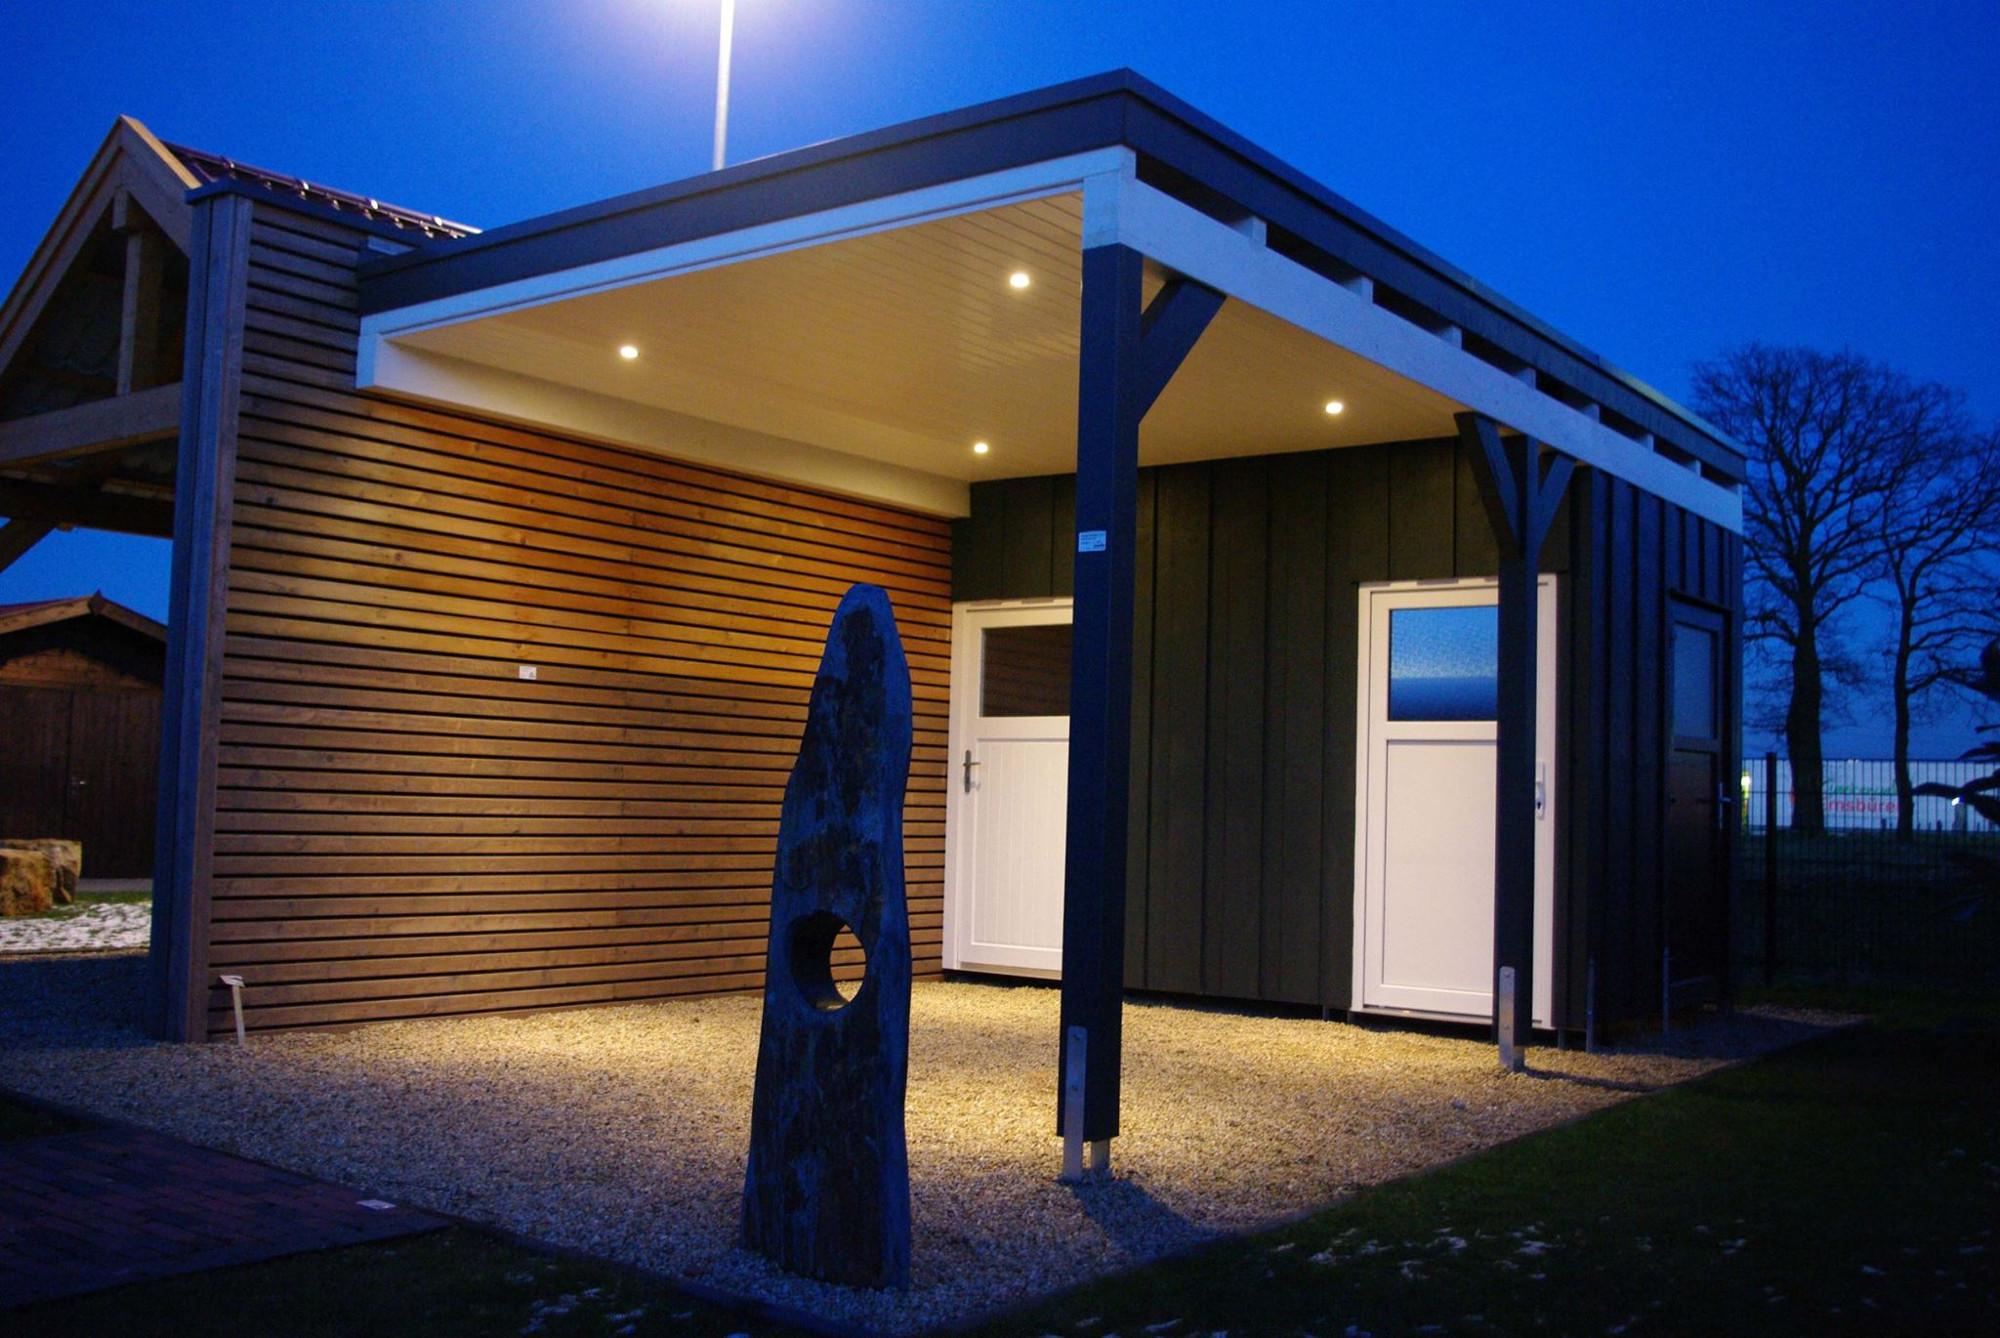 Gut bekannt Vorzüge und Nachteile von Terrassenüberdachungen aus Stahl NU59